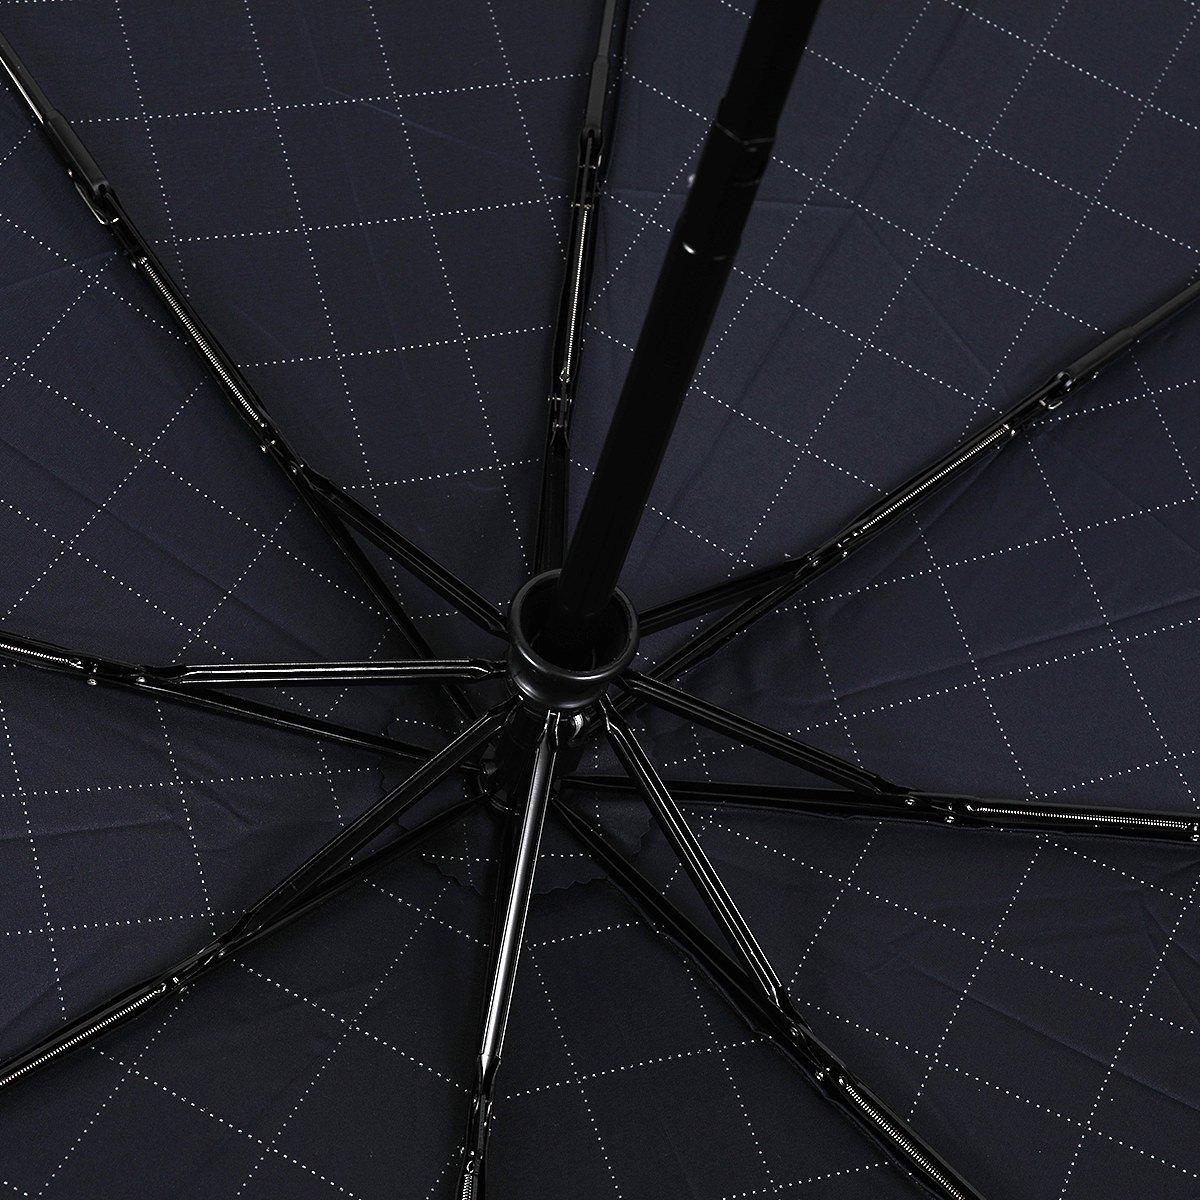 自動開閉 ウィンドステッチ 折りたたみ傘 詳細画像6